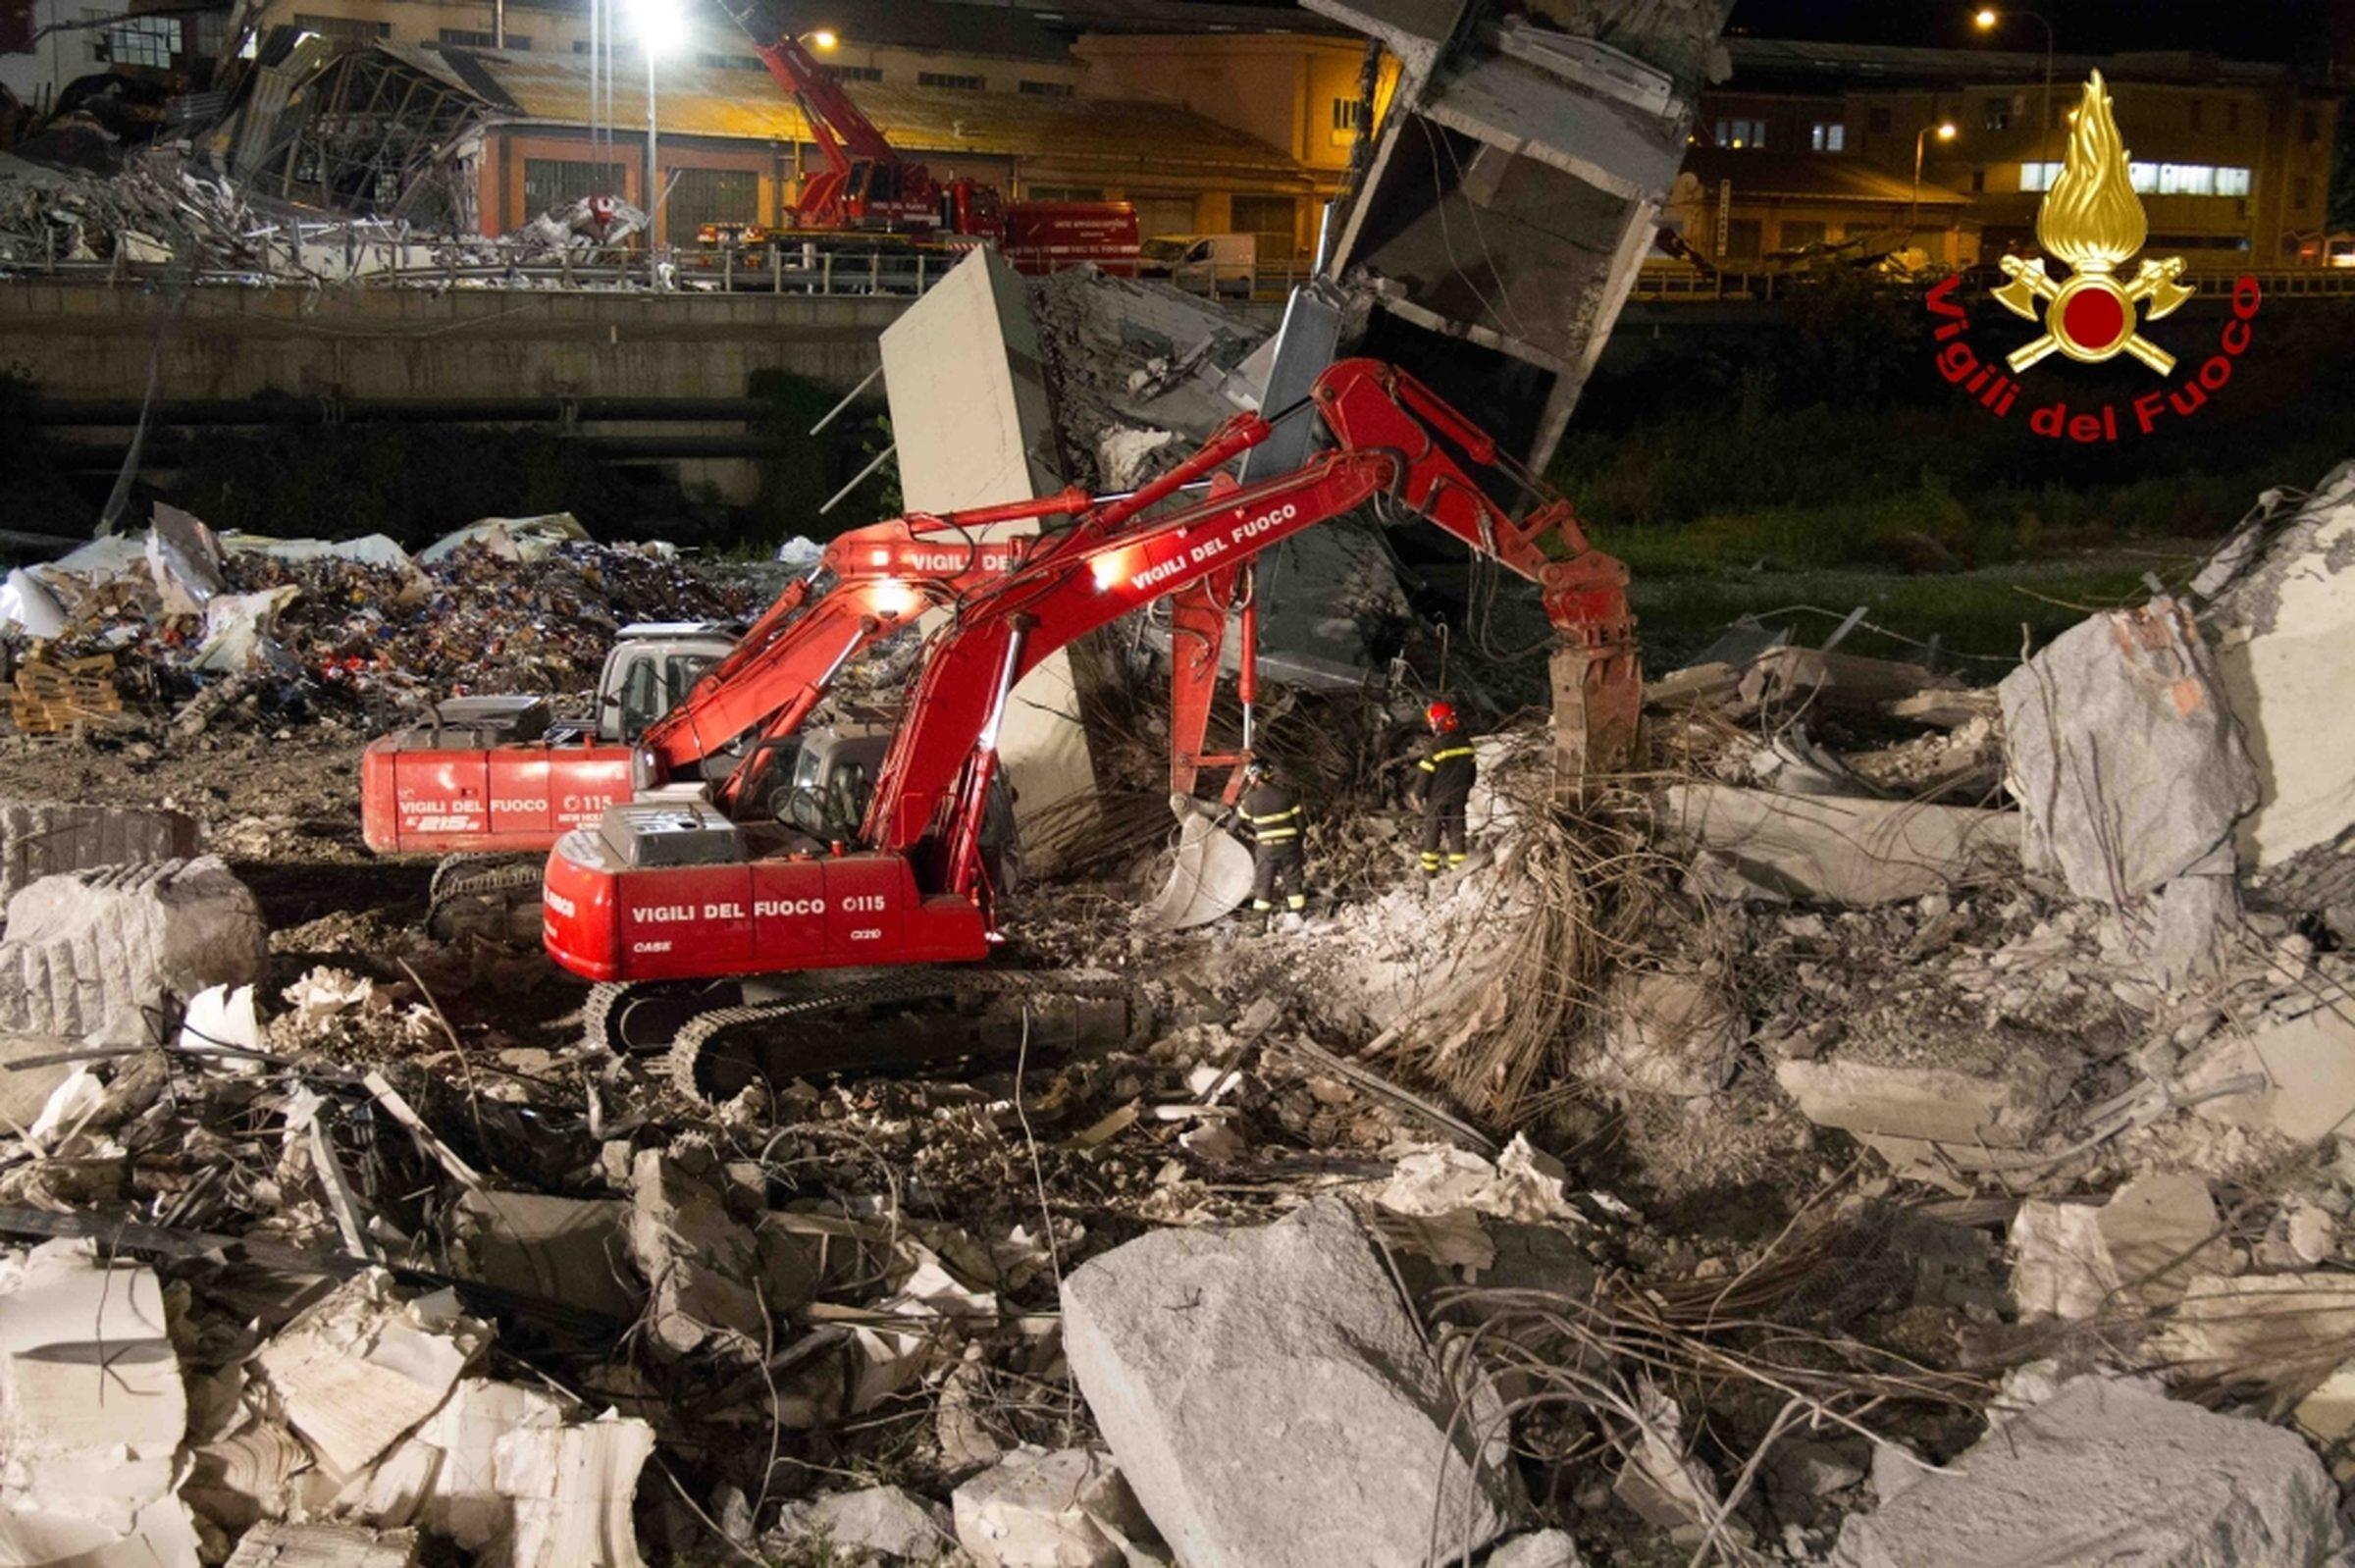 Crollo ponte morandi i tifosi del genoa citt in lutto for Ponte sopra i disegni del garage